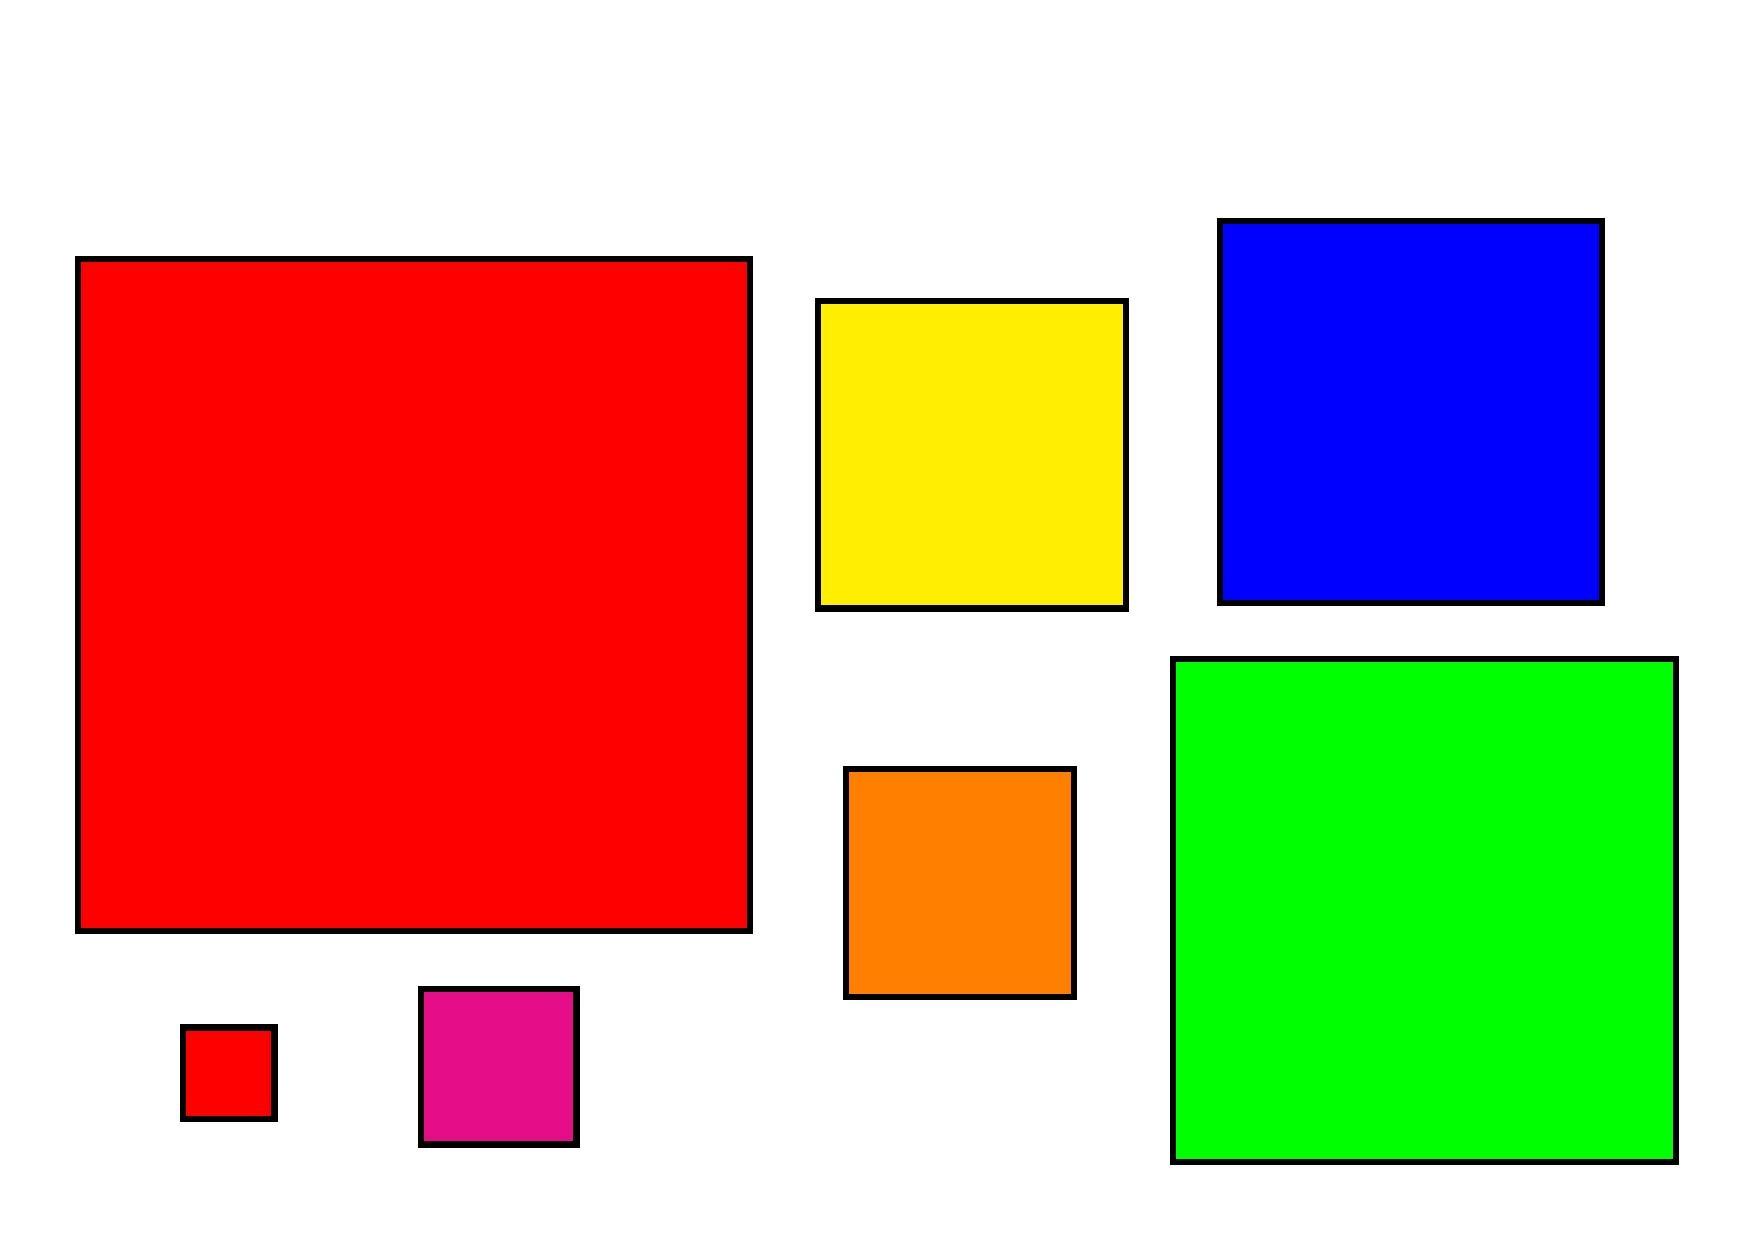 okul_öncesinde_geometrik_şekiller_kesme_çalışmaları _pratik